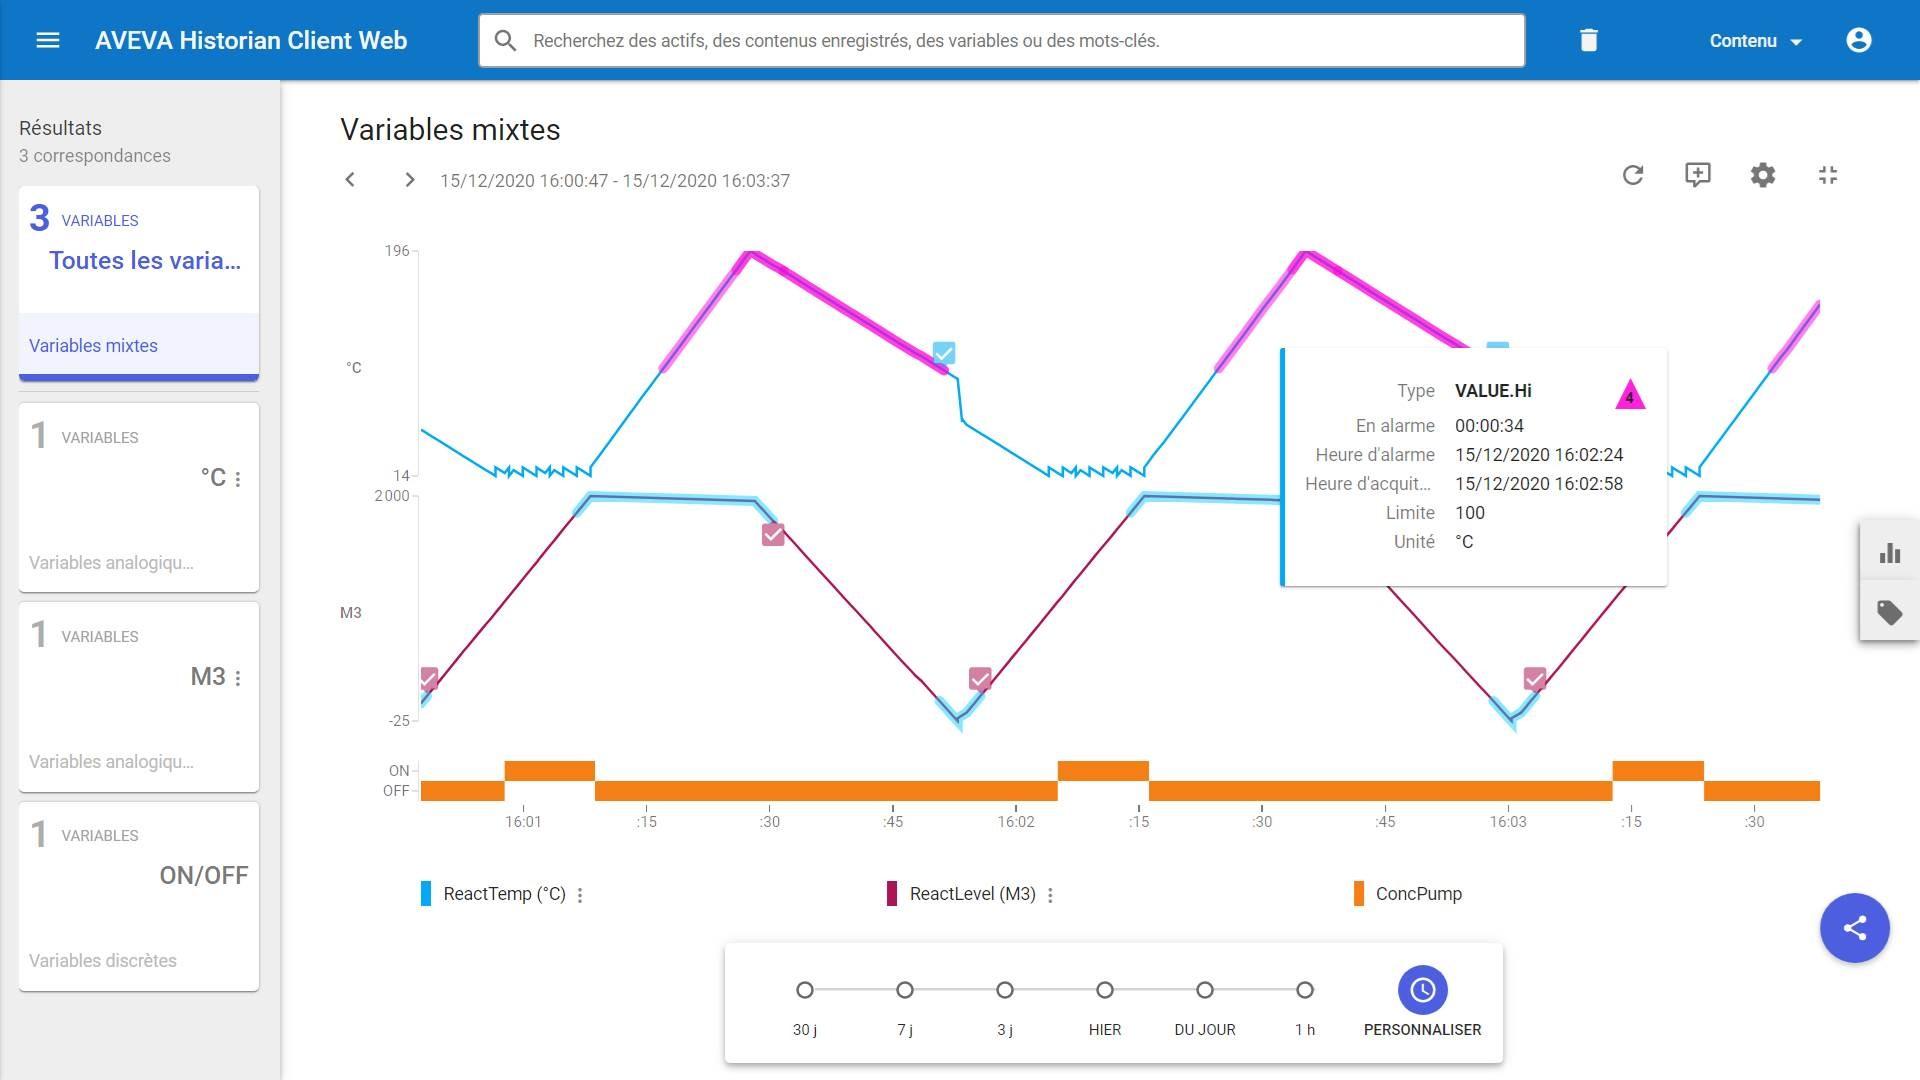 Contextualisation des situations d'alarmes et événements directement sur le tracé des courbes dans l'application Web Historian Client Web.